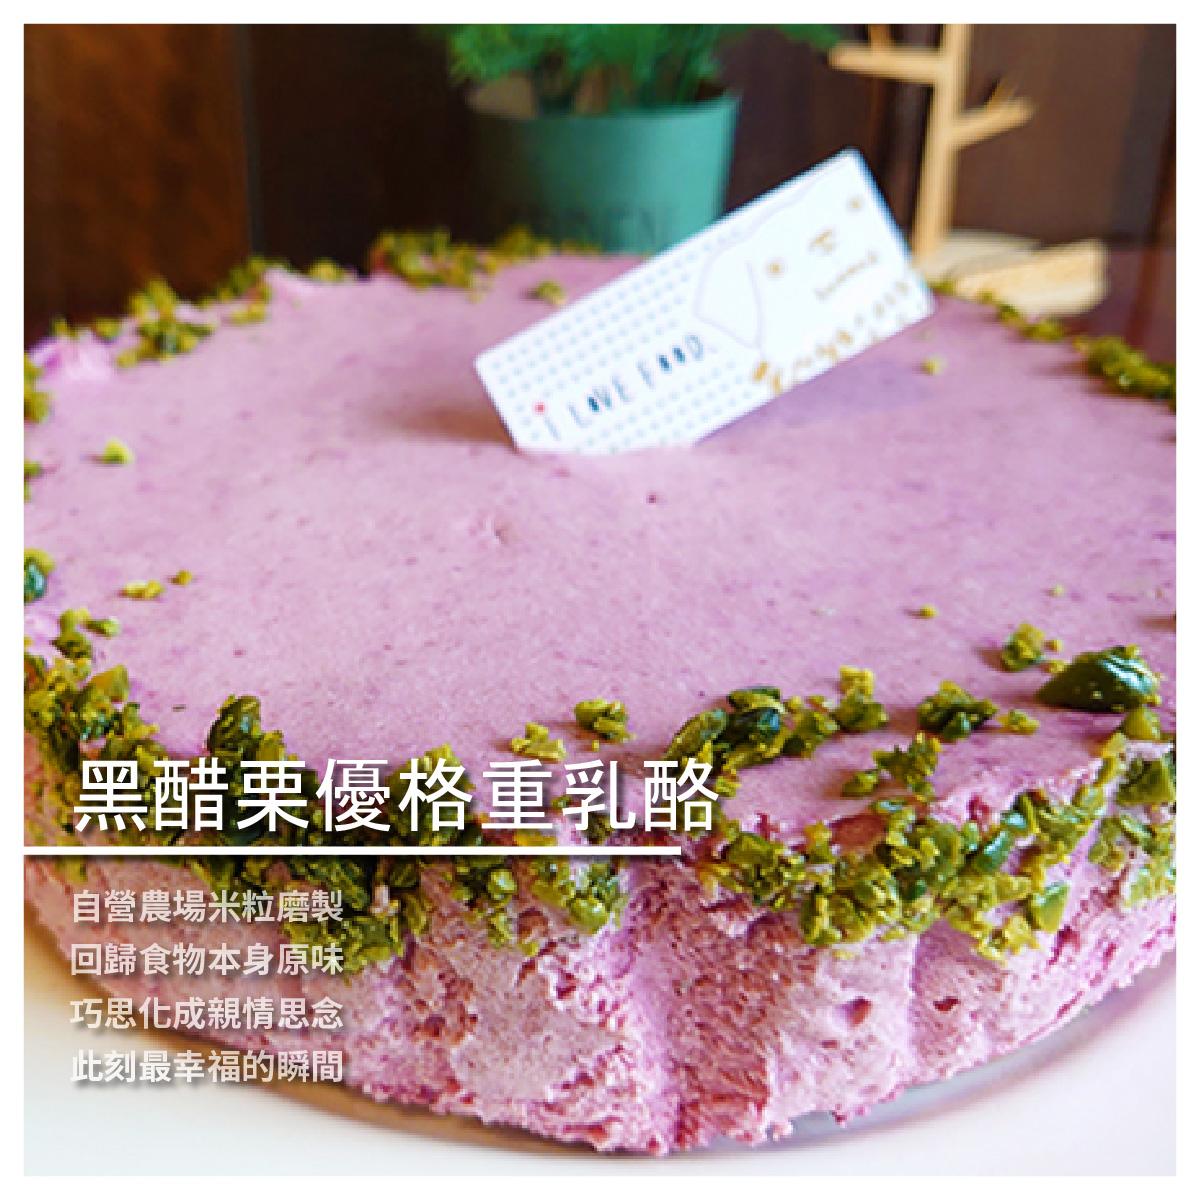 【達克闇黑工場】高個子禾穀米烘焙系列-半熟黑醋栗優格重乳酪/7吋